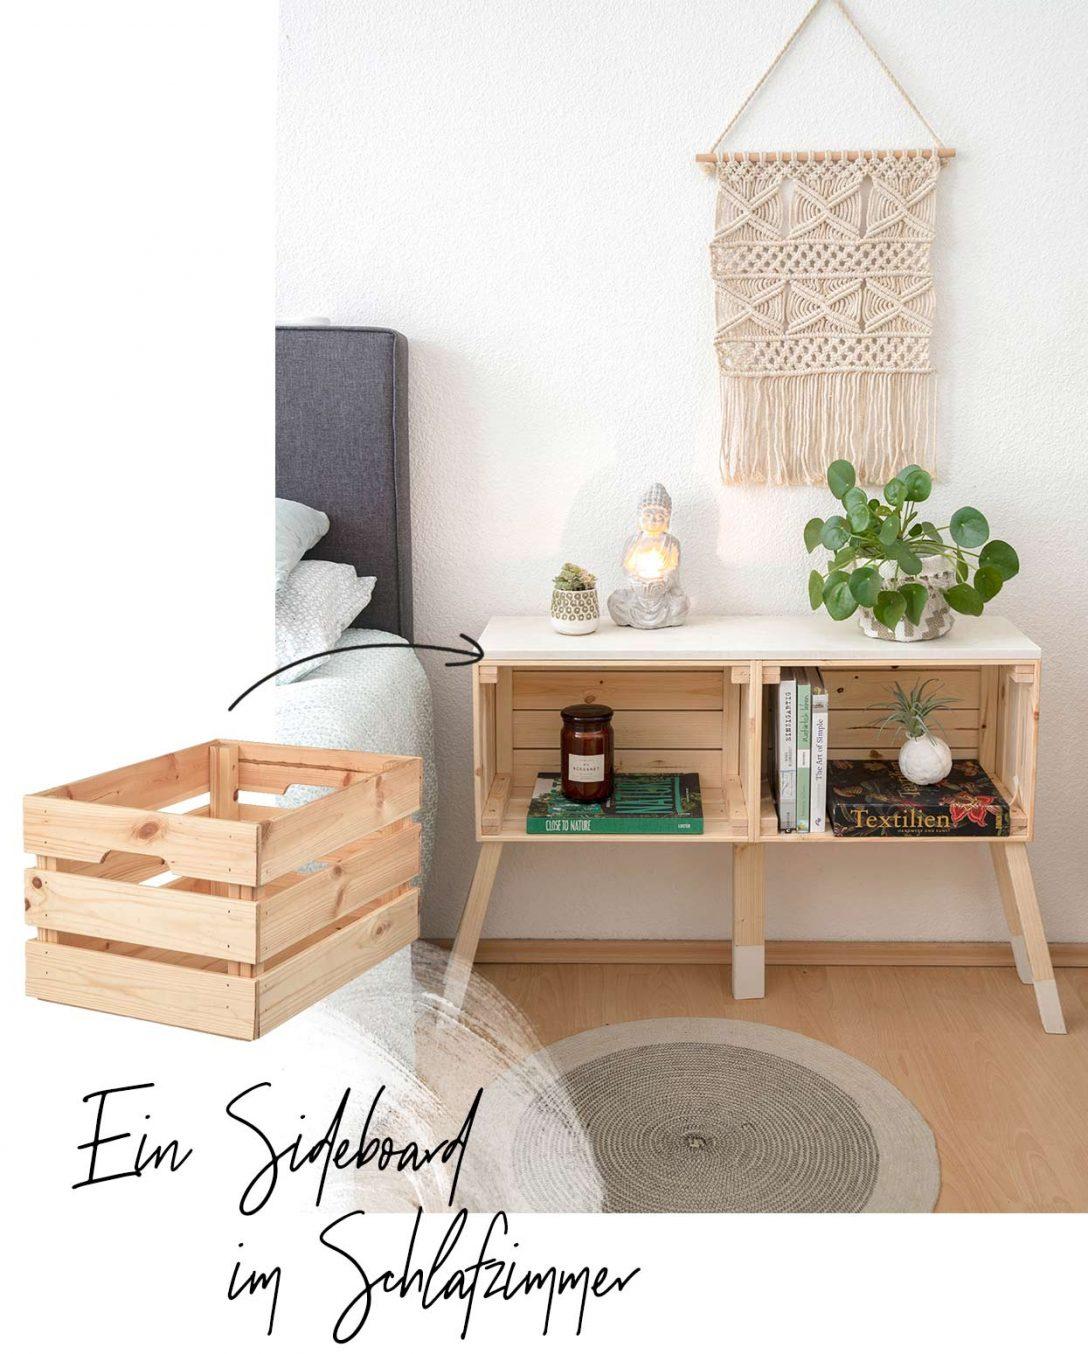 Large Size of Sideboard Ikea Mit Kisten Selber Bauen Wohnklamotte Küche Arbeitsplatte Kosten Miniküche Kaufen Sofa Schlaffunktion Betten Bei Wohnzimmer 160x200 Modulküche Wohnzimmer Sideboard Ikea